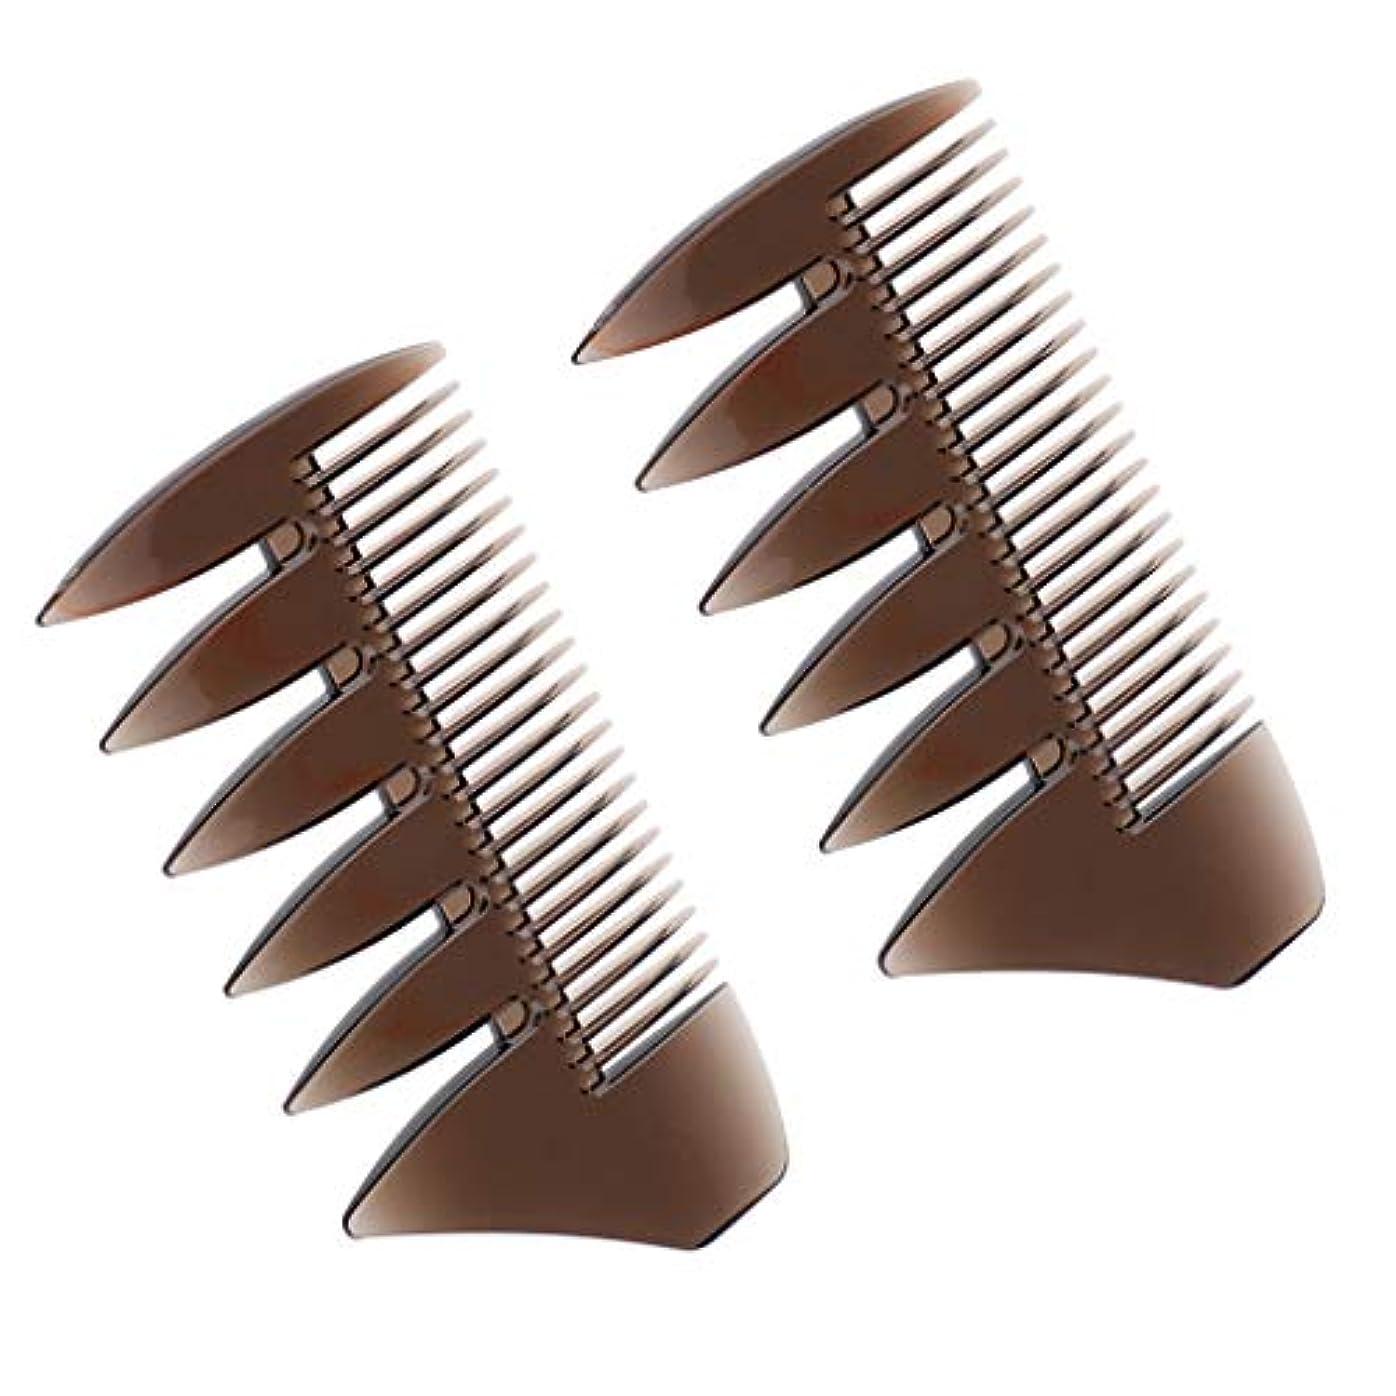 スキップ十スカープ2個 ヘアコーム デュアルサイド ワイドと細かい歯 静電気防止櫛 ヘアブラシ